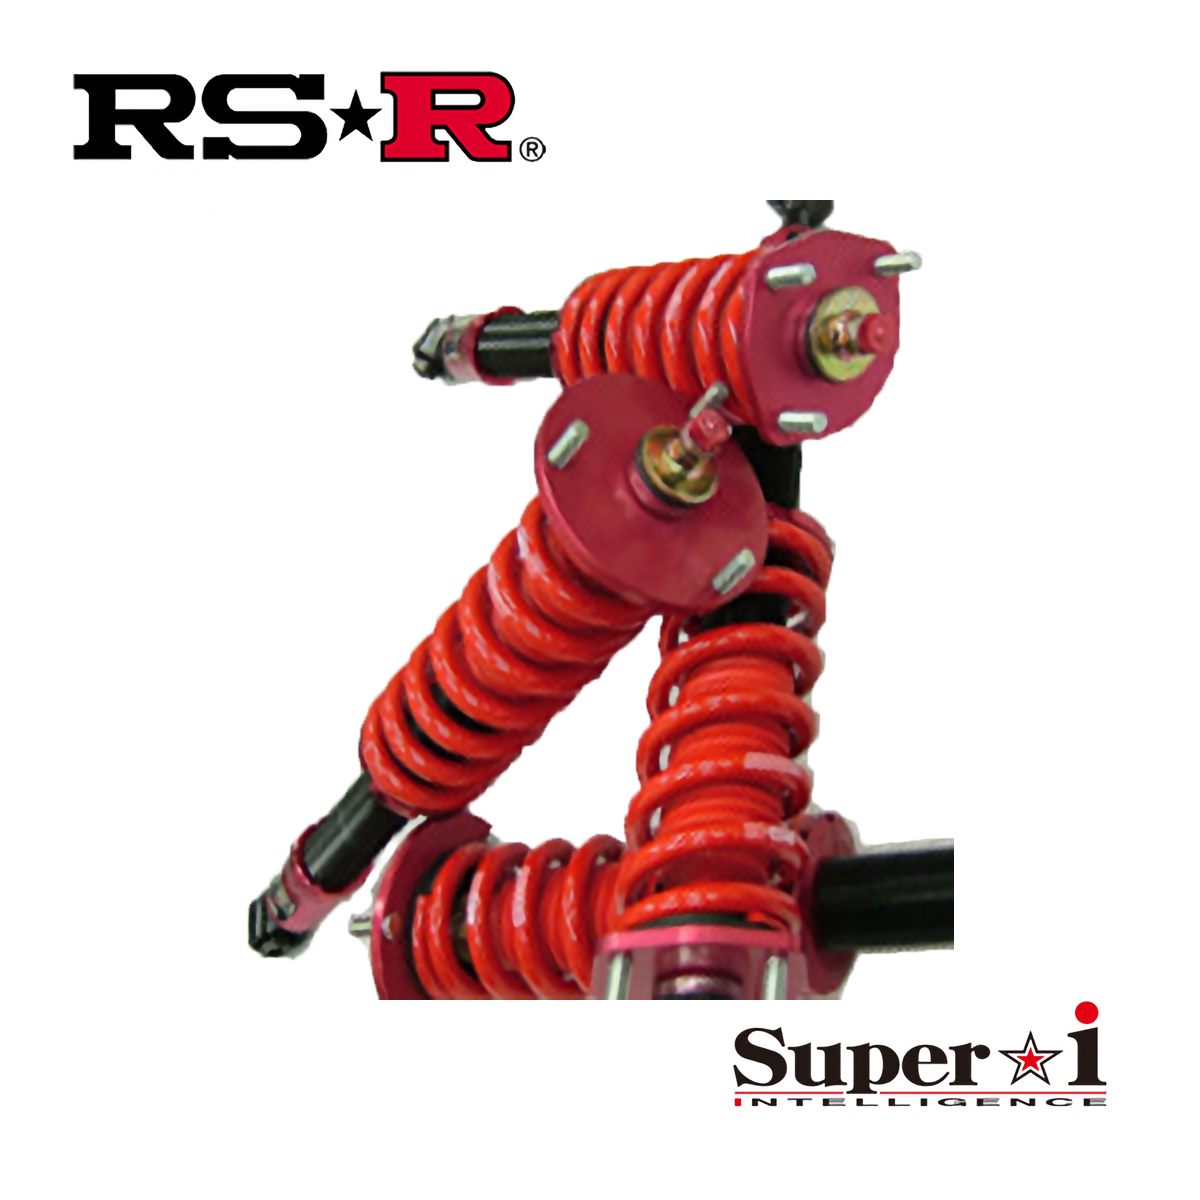 RS-R クラウンハイブリッド AWS211 アスリート S Four 車高調 リア車高調整:全長式 SIT966M スーパーi RSR 条件付き送料無料